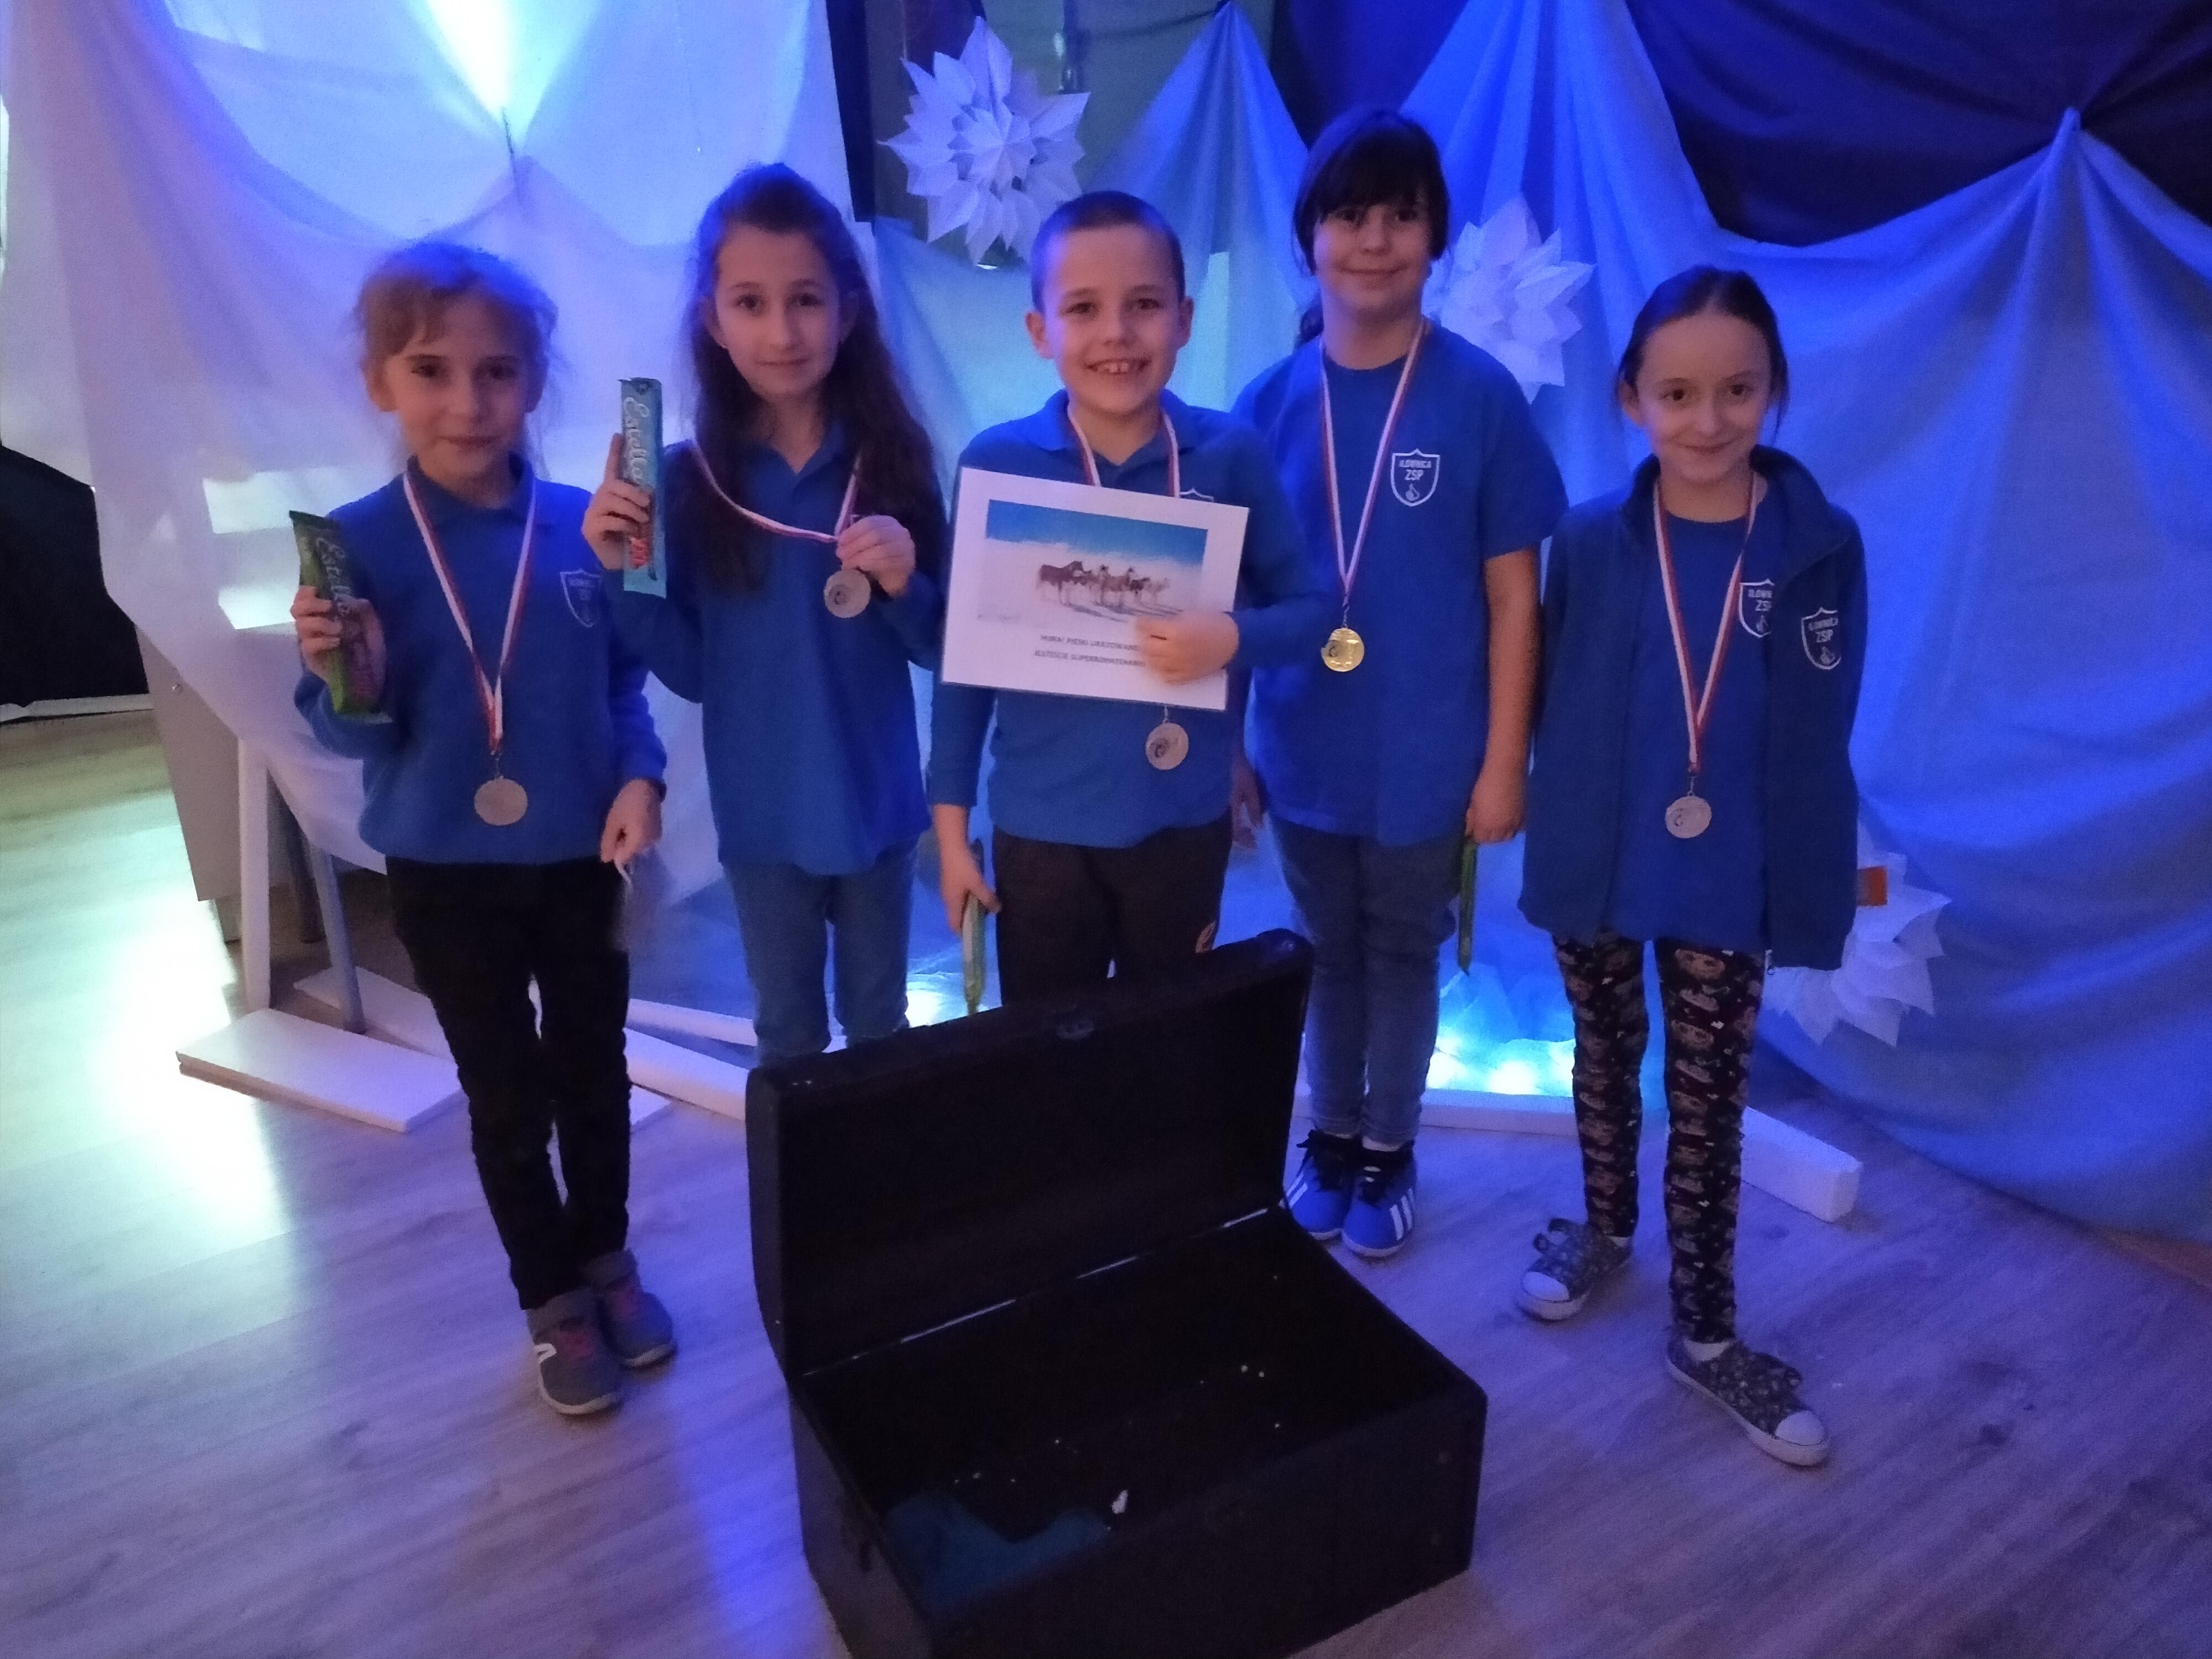 """Zadowolenie uczniów po otwarciu ostatniej skrzyni, w której ukryte były medale z napisem """"Misja Antarktyda""""."""